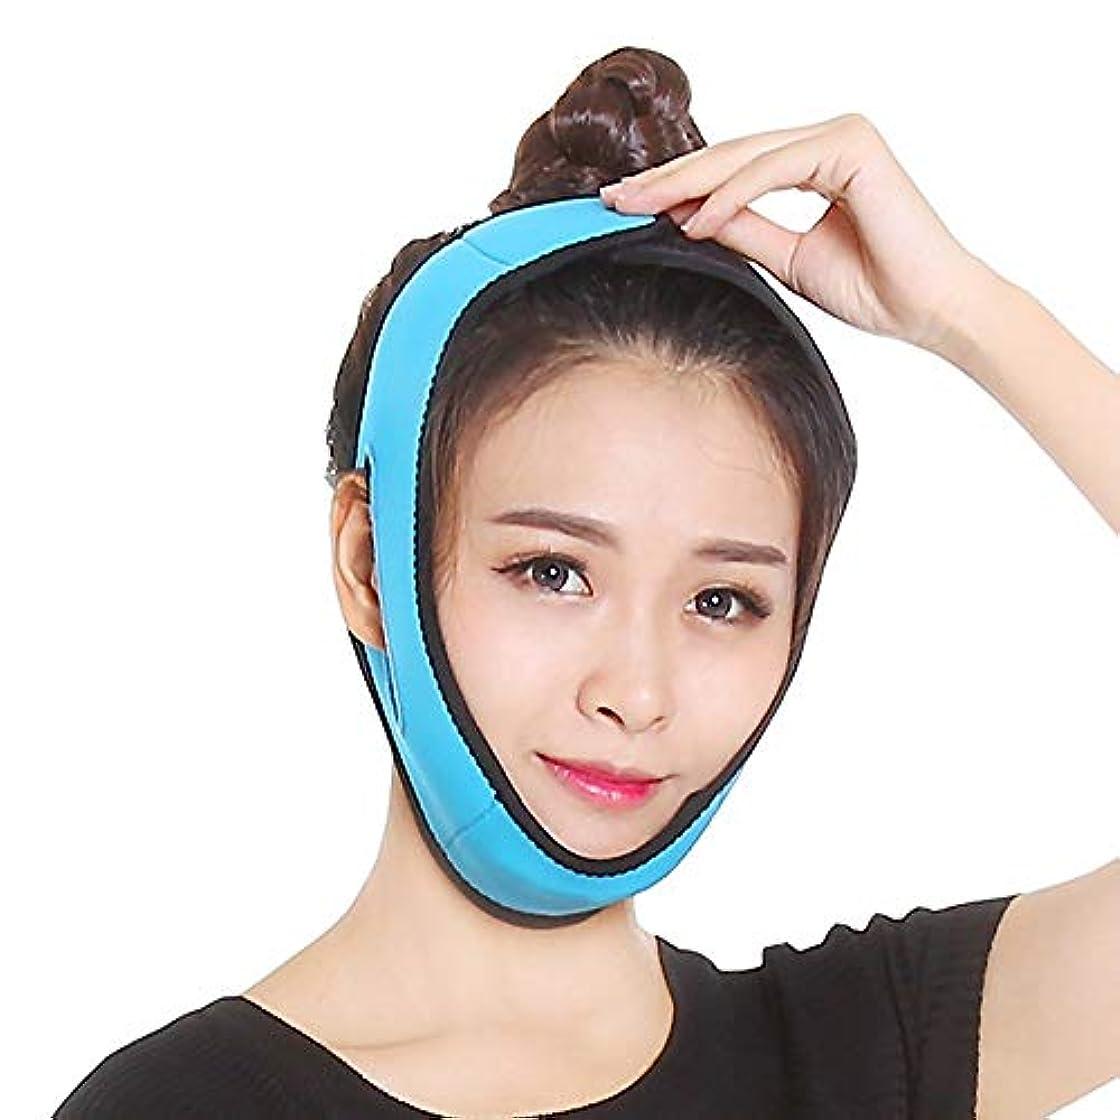 注ぎます三十航空フェイシャルリフティングスリミングベルト - 薄いフェイス包帯二重あごデバイス無料フェイシャルマッサージ整形マスクを引き締める顔と首の顔スリム